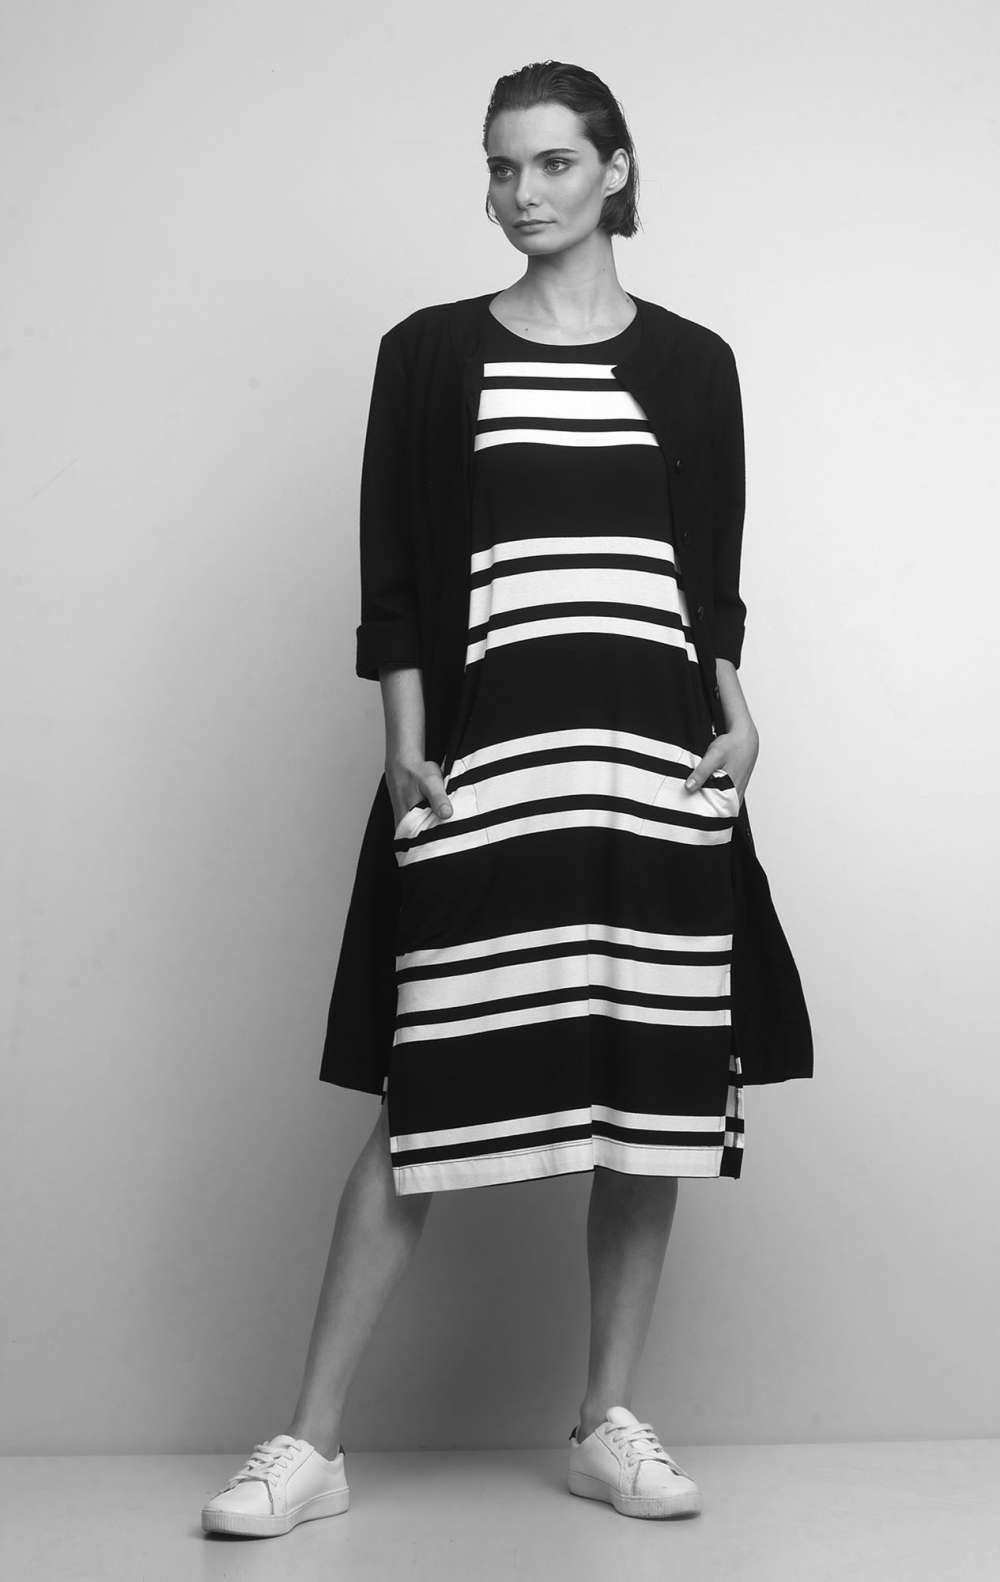 Vestido Malha Listrado Preto - Foto 2